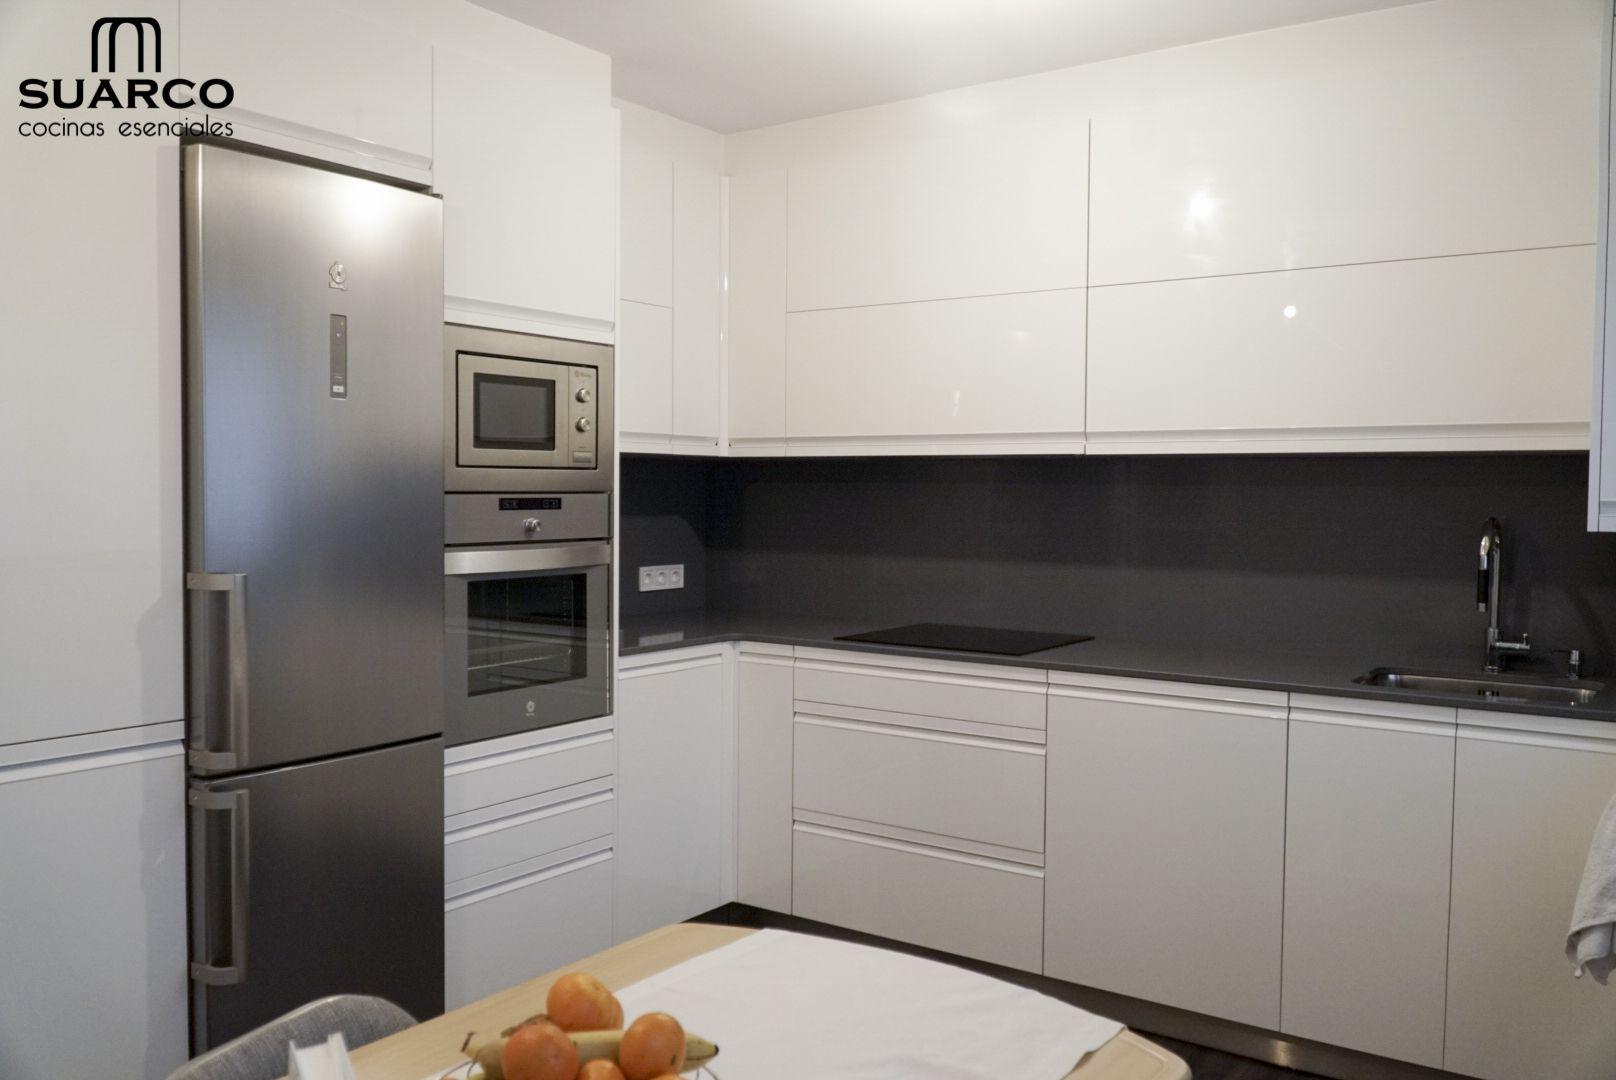 Cocina Moderna Cocina Suarco Cocinas Blancas Decoracion De Cocina Diseno De Cocina